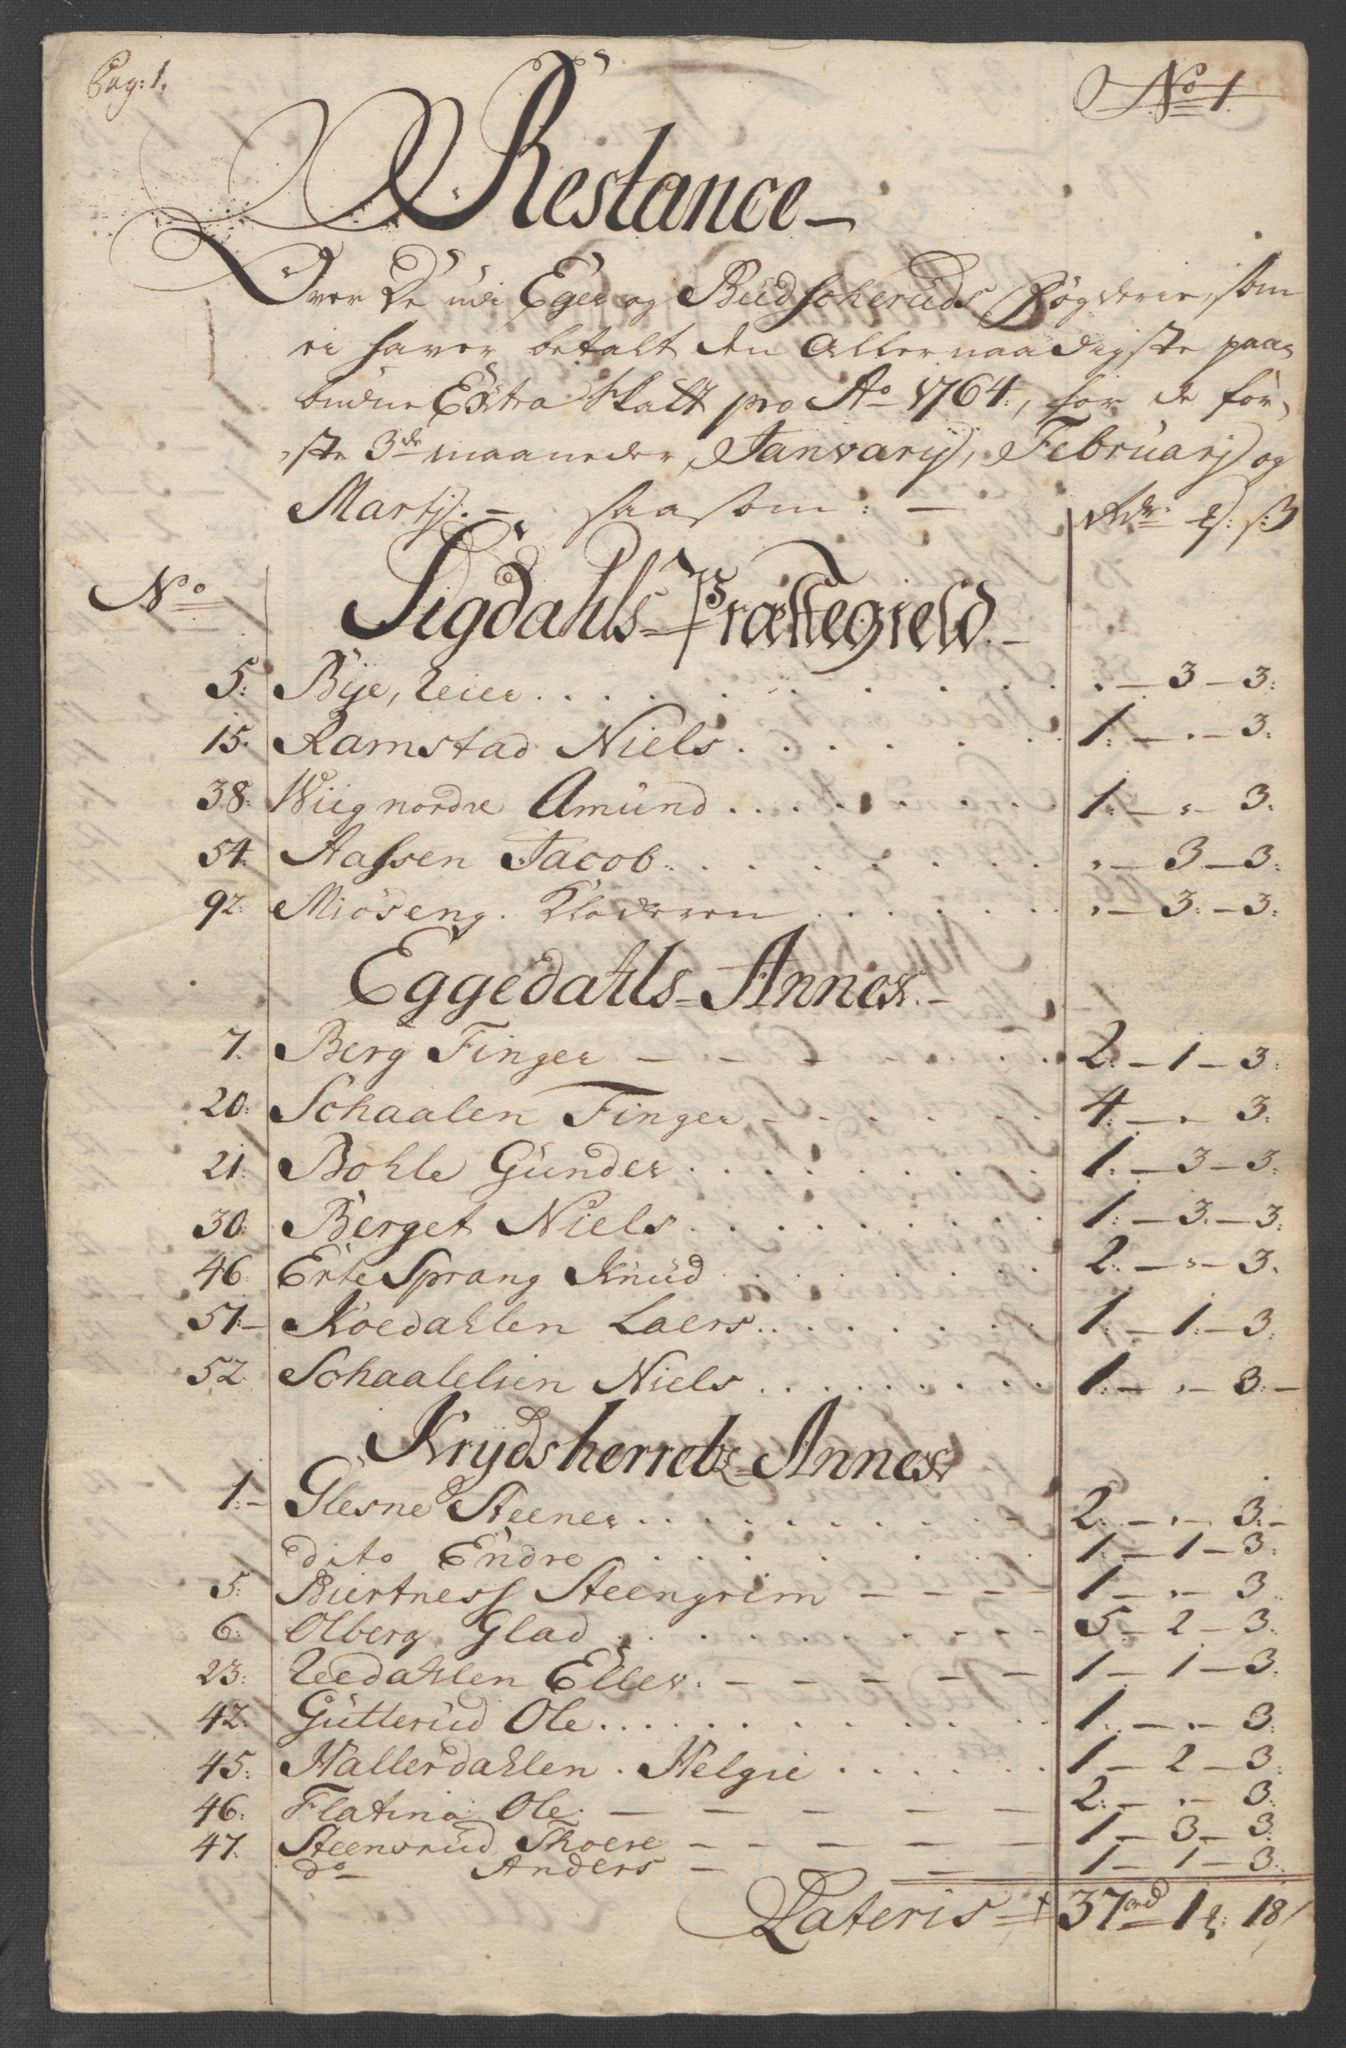 RA, Rentekammeret inntil 1814, Reviderte regnskaper, Fogderegnskap, R31/L1833: Ekstraskatten Hurum, Røyken, Eiker, Lier og Buskerud, 1762-1764, s. 239